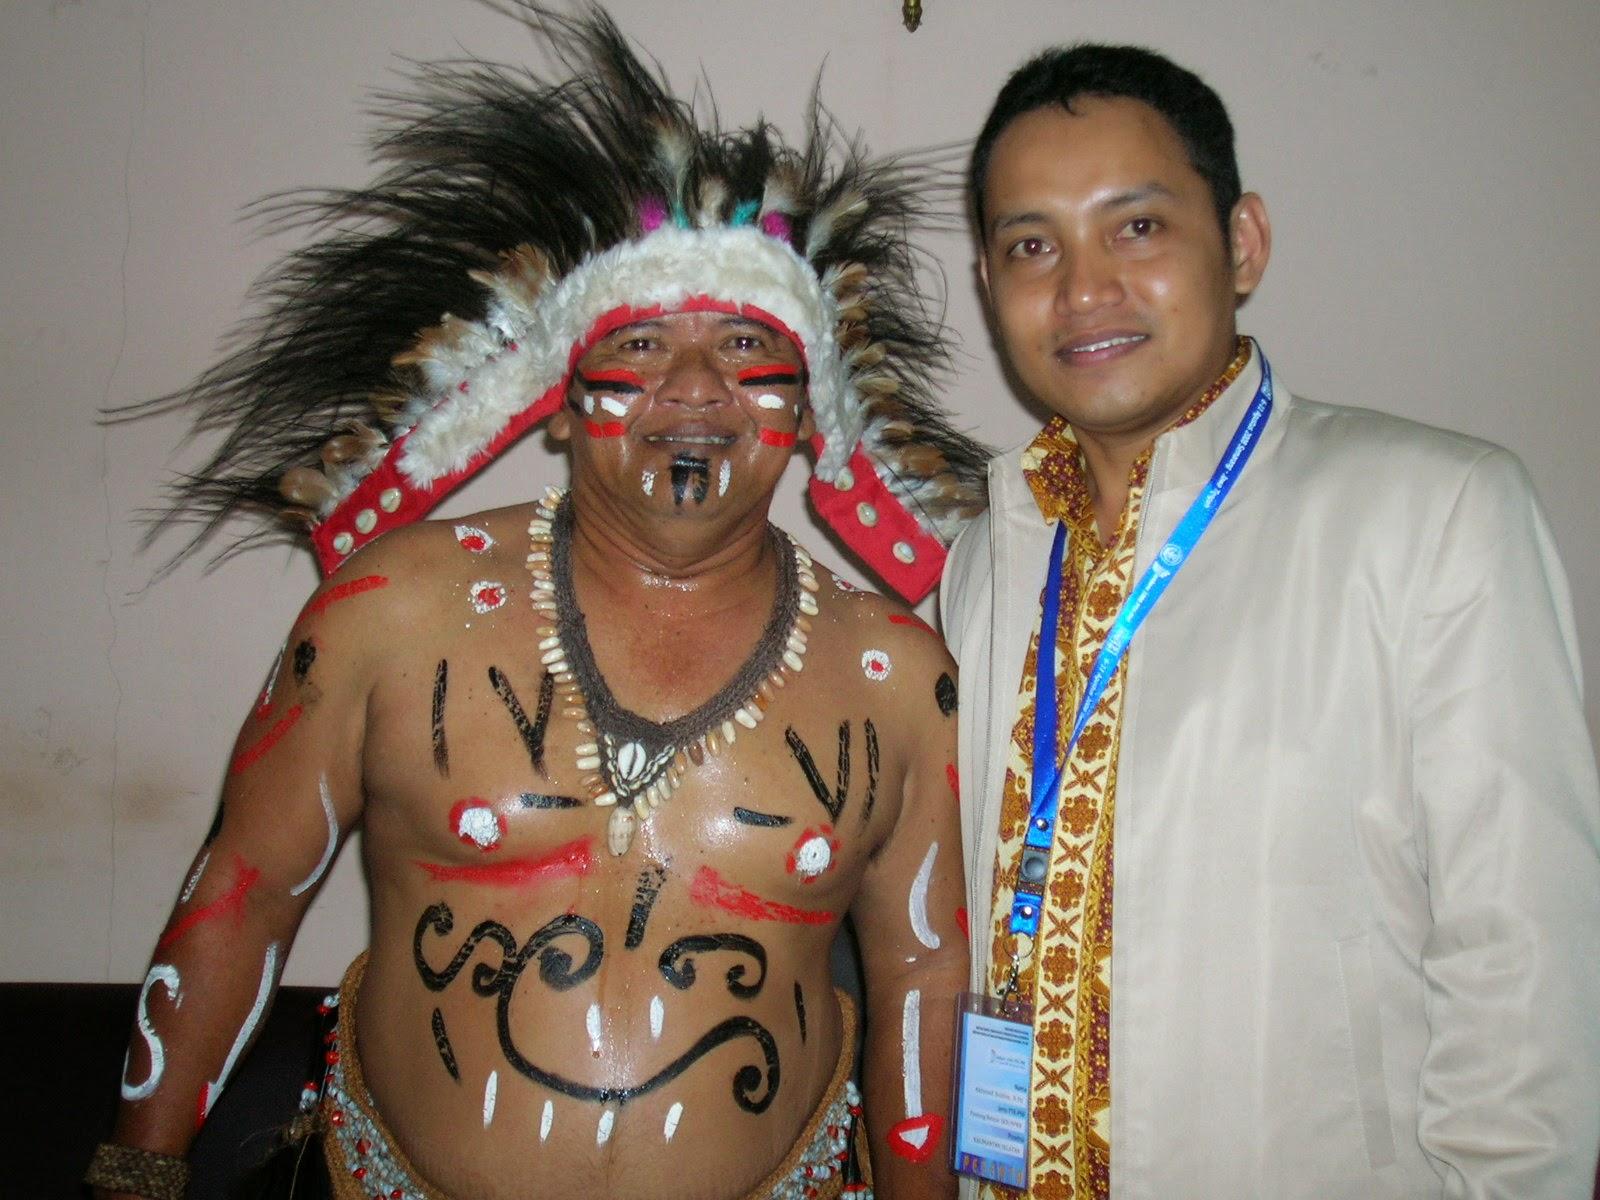 Kebudayaan nusantara dan Indonesia